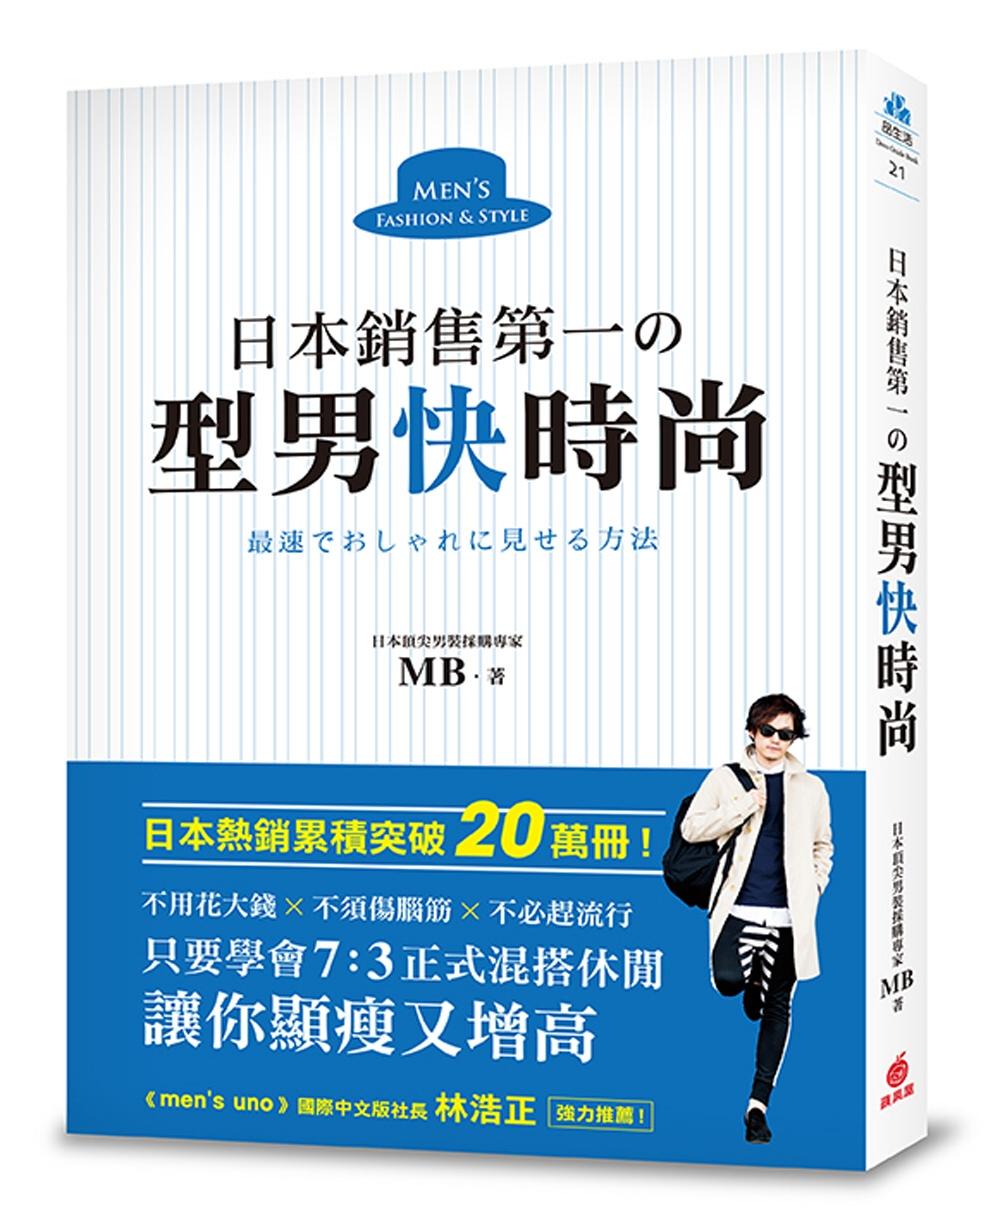 ◤博客來BOOKS◢ 暢銷書榜《推薦》日本銷售第一の型男快時尚:日本頂尖男裝採購專家教你,只要學會7:3正式混搭休閒,讓你顯瘦又增高,不用花大錢、不須傷腦筋、不必趕流行!